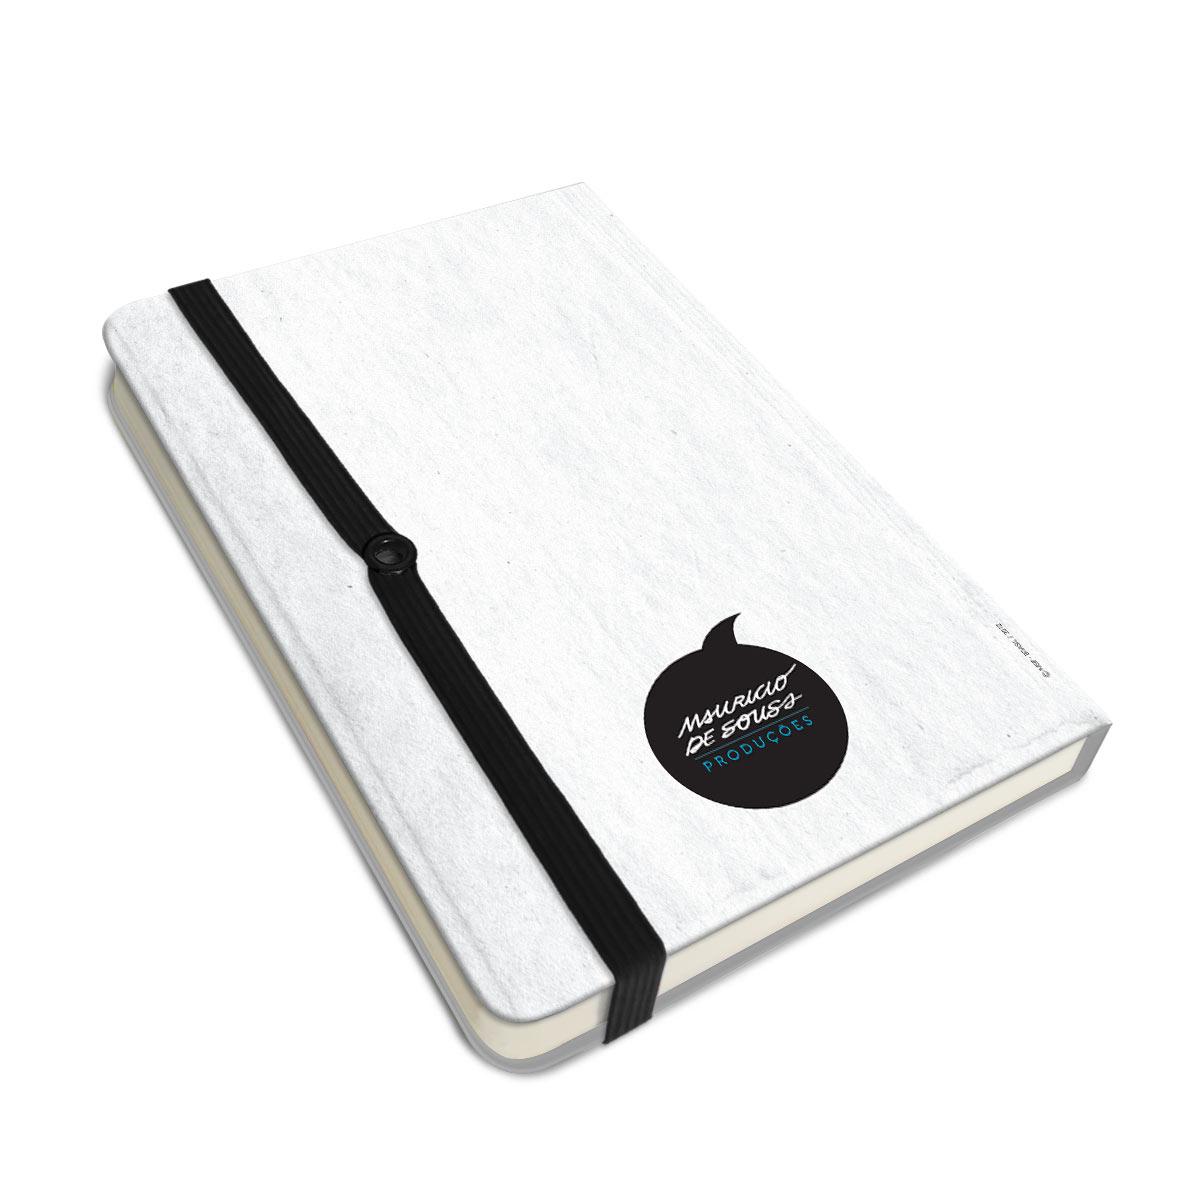 Caderneta Turma da Mônica 50 Anos Modelo 2 Anos 2000